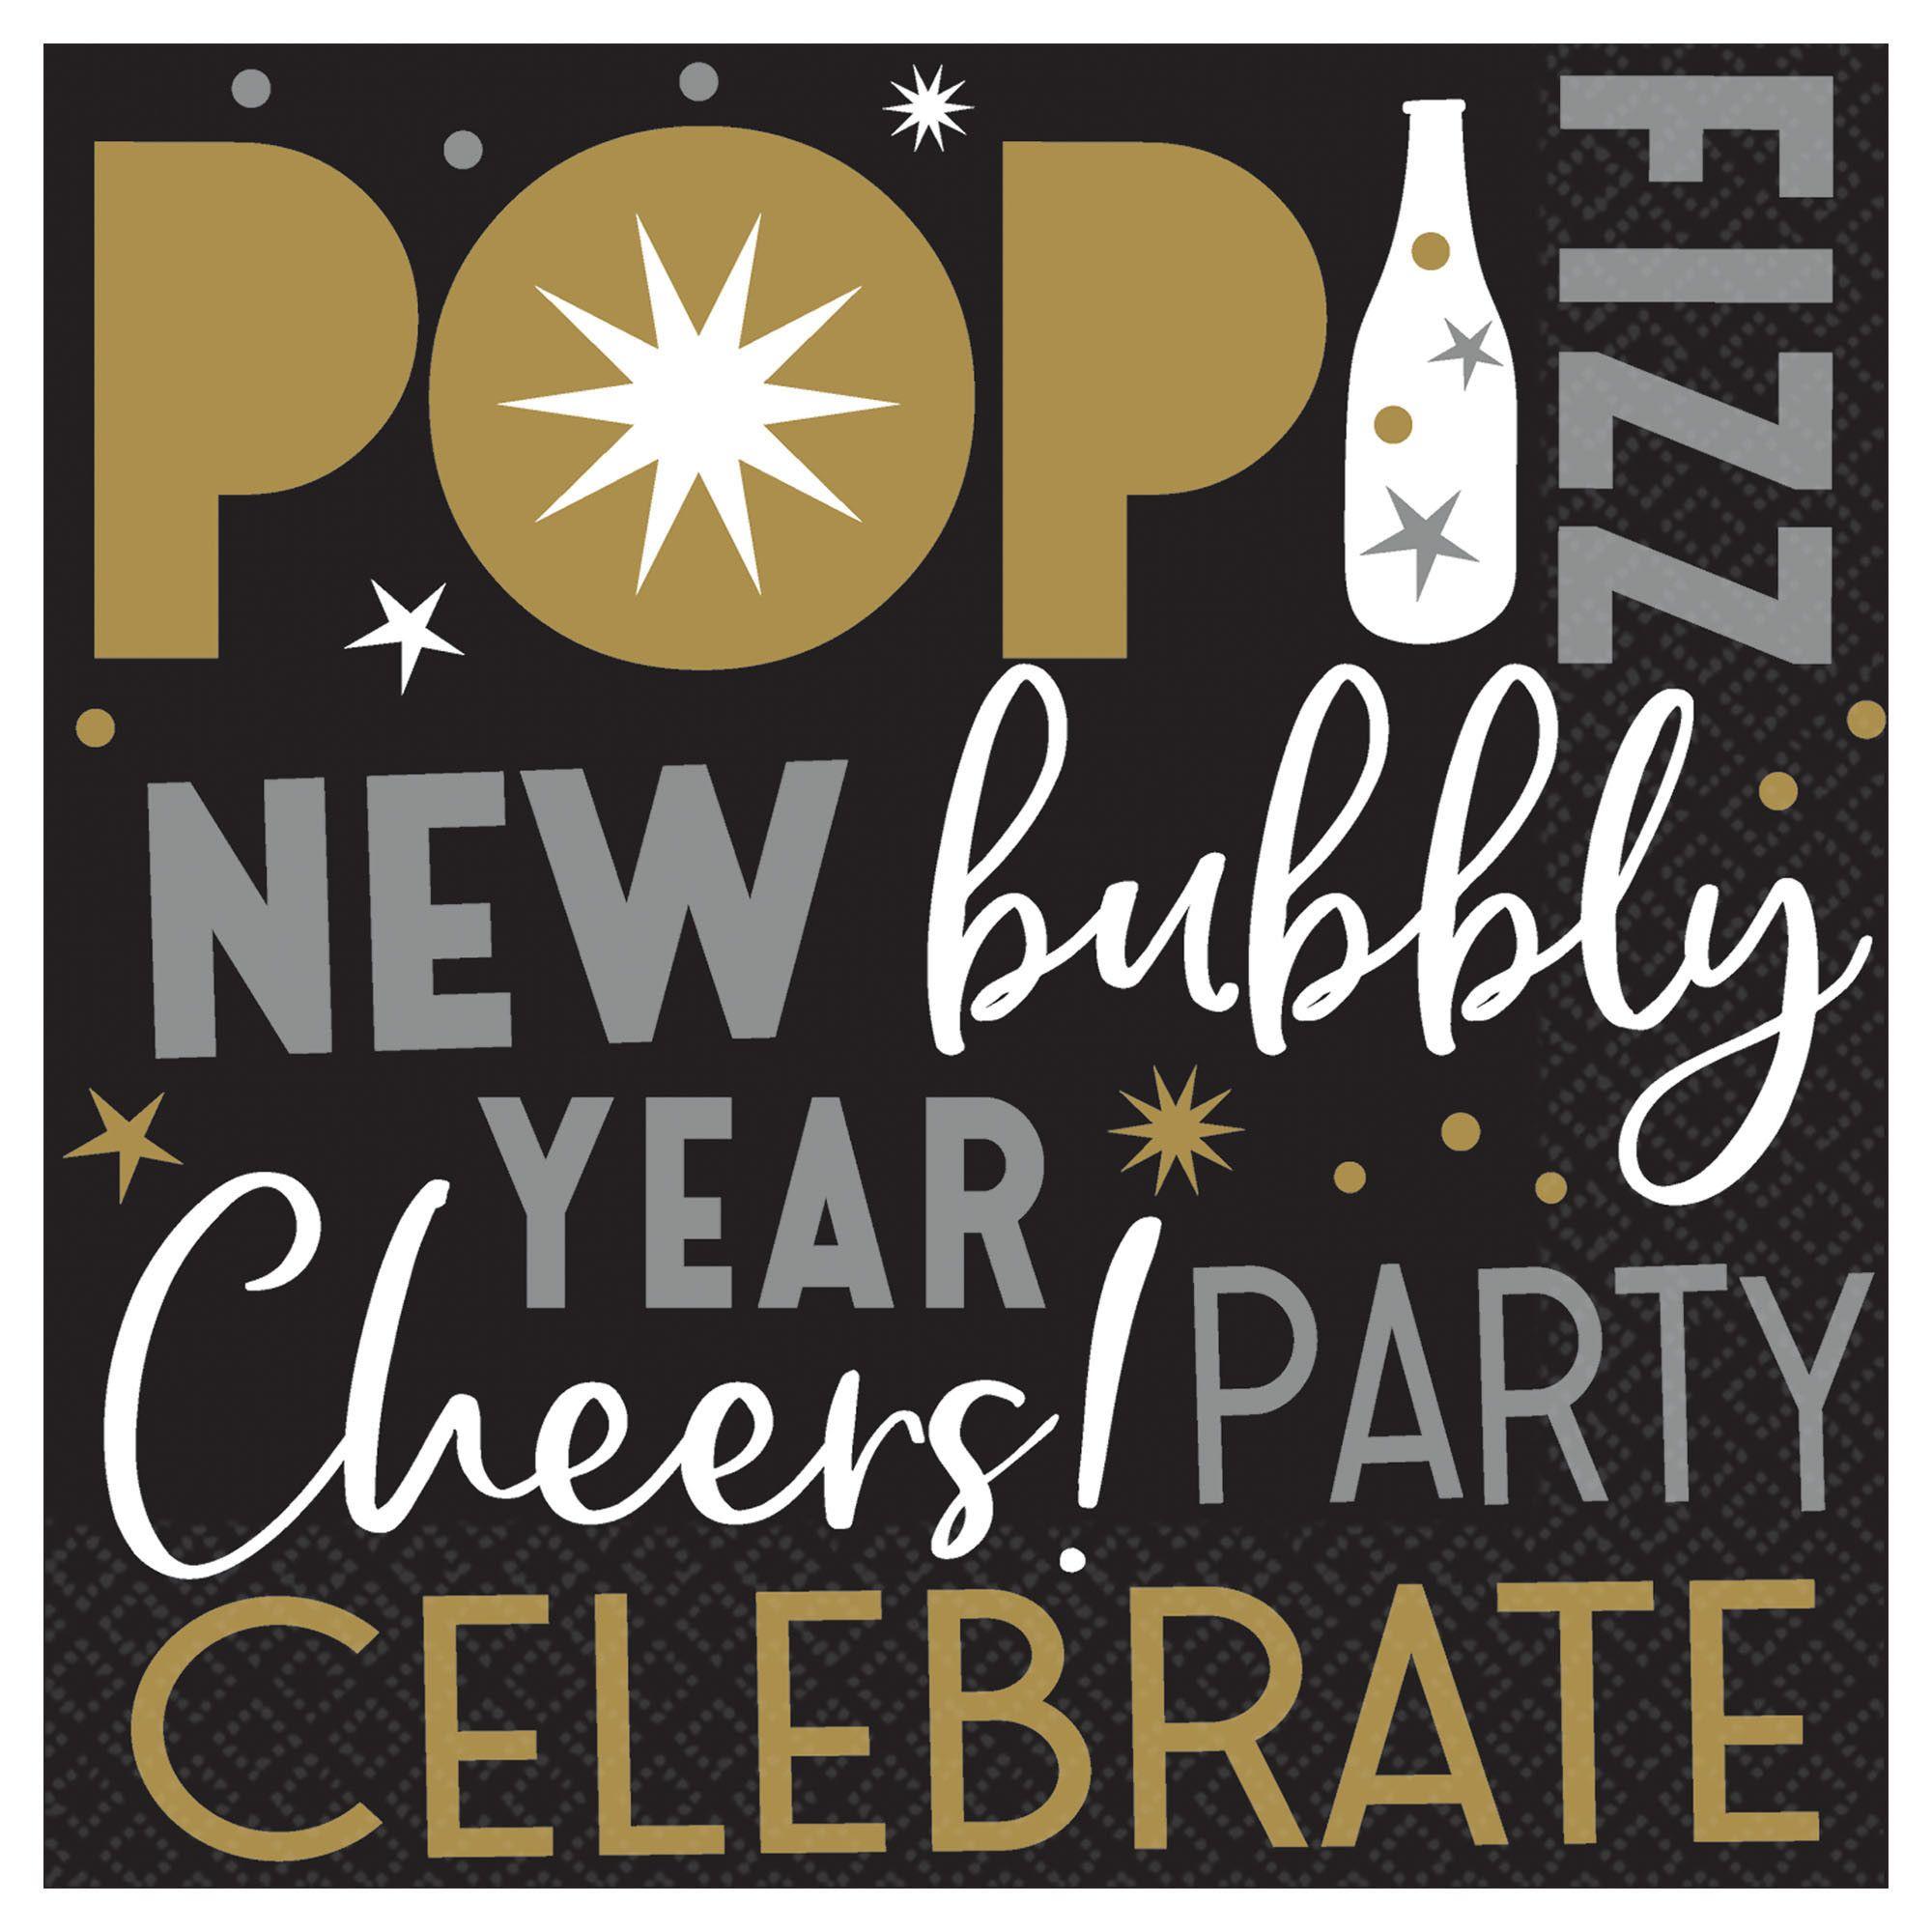 Celebrate NY BN BPP